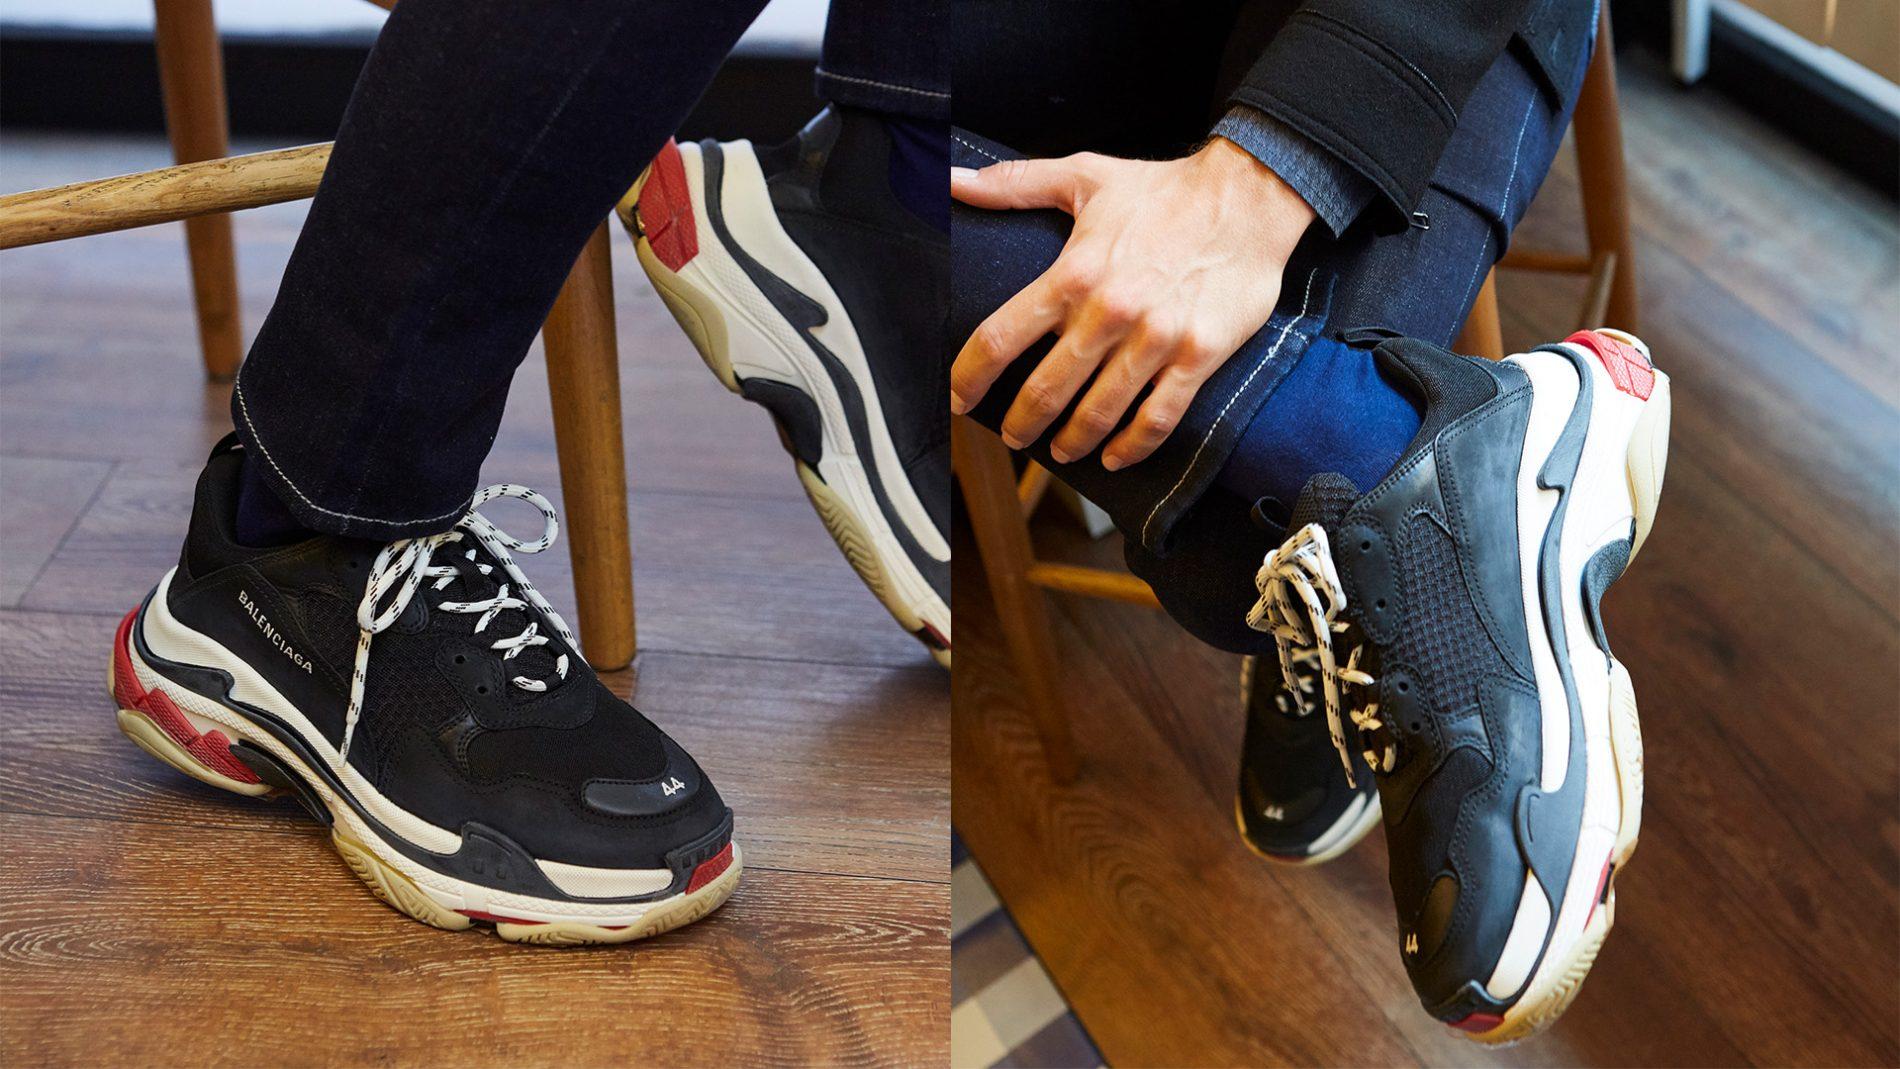 英格列斯男装,运动鞋,Balenciaga